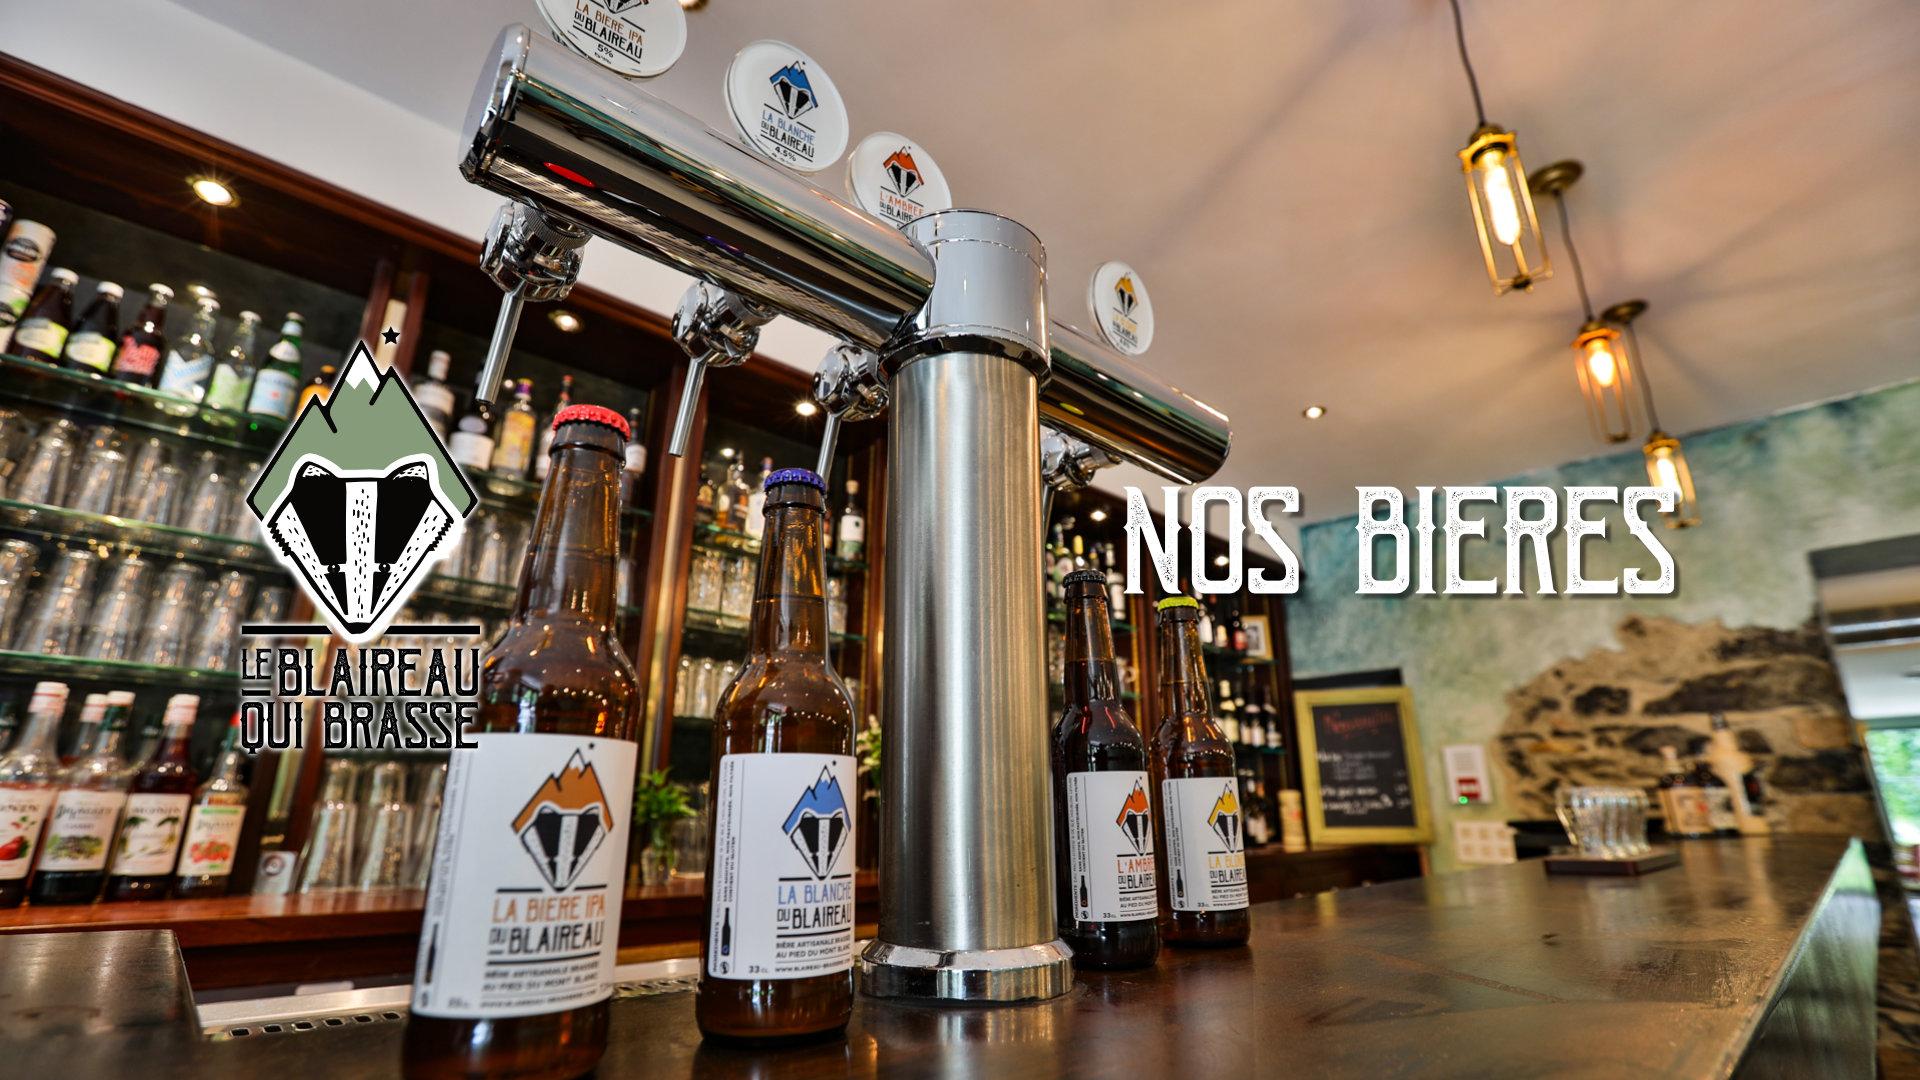 Les bières du Blaireau